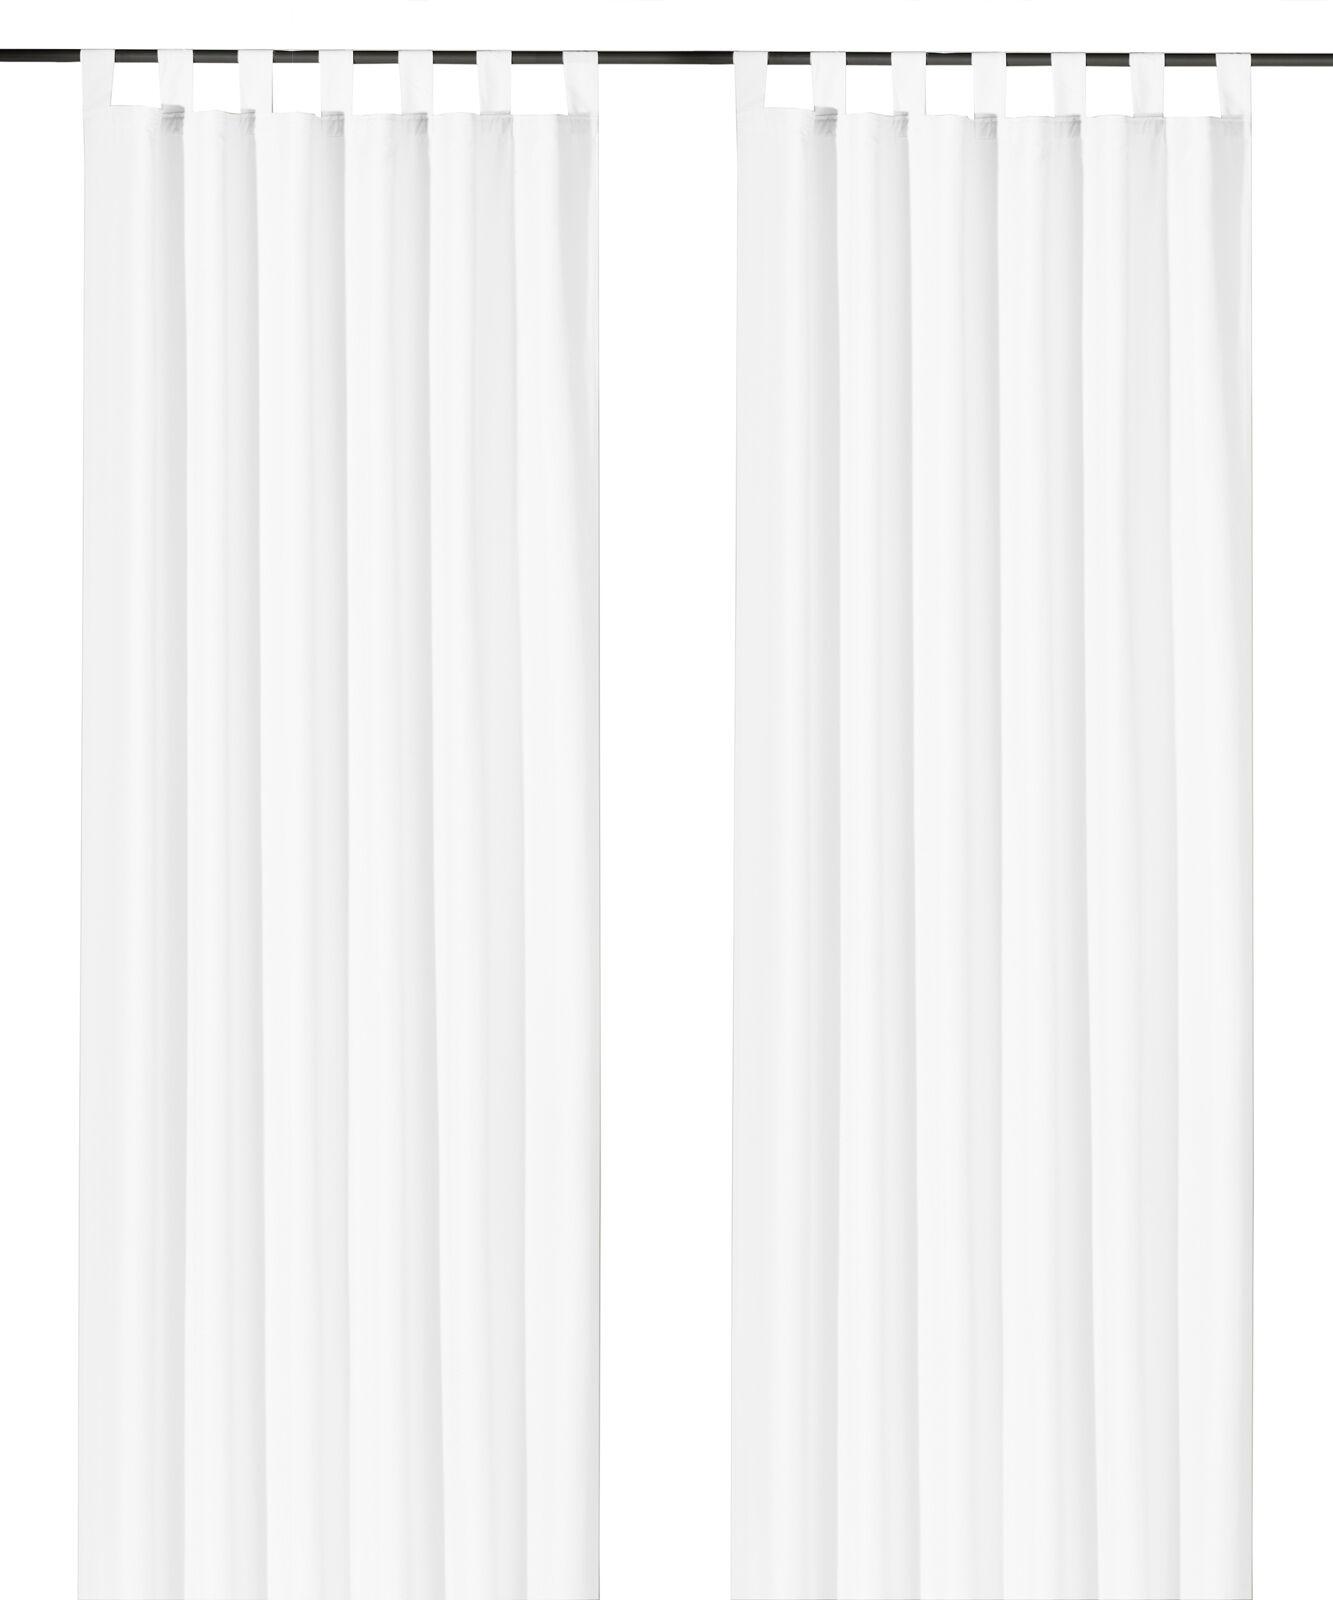 Schlaufenschal-inkl-Kraeuselband-blickdicht-Gardine-Vorhang-Dekoschal-Uni-Typ117 Indexbild 33